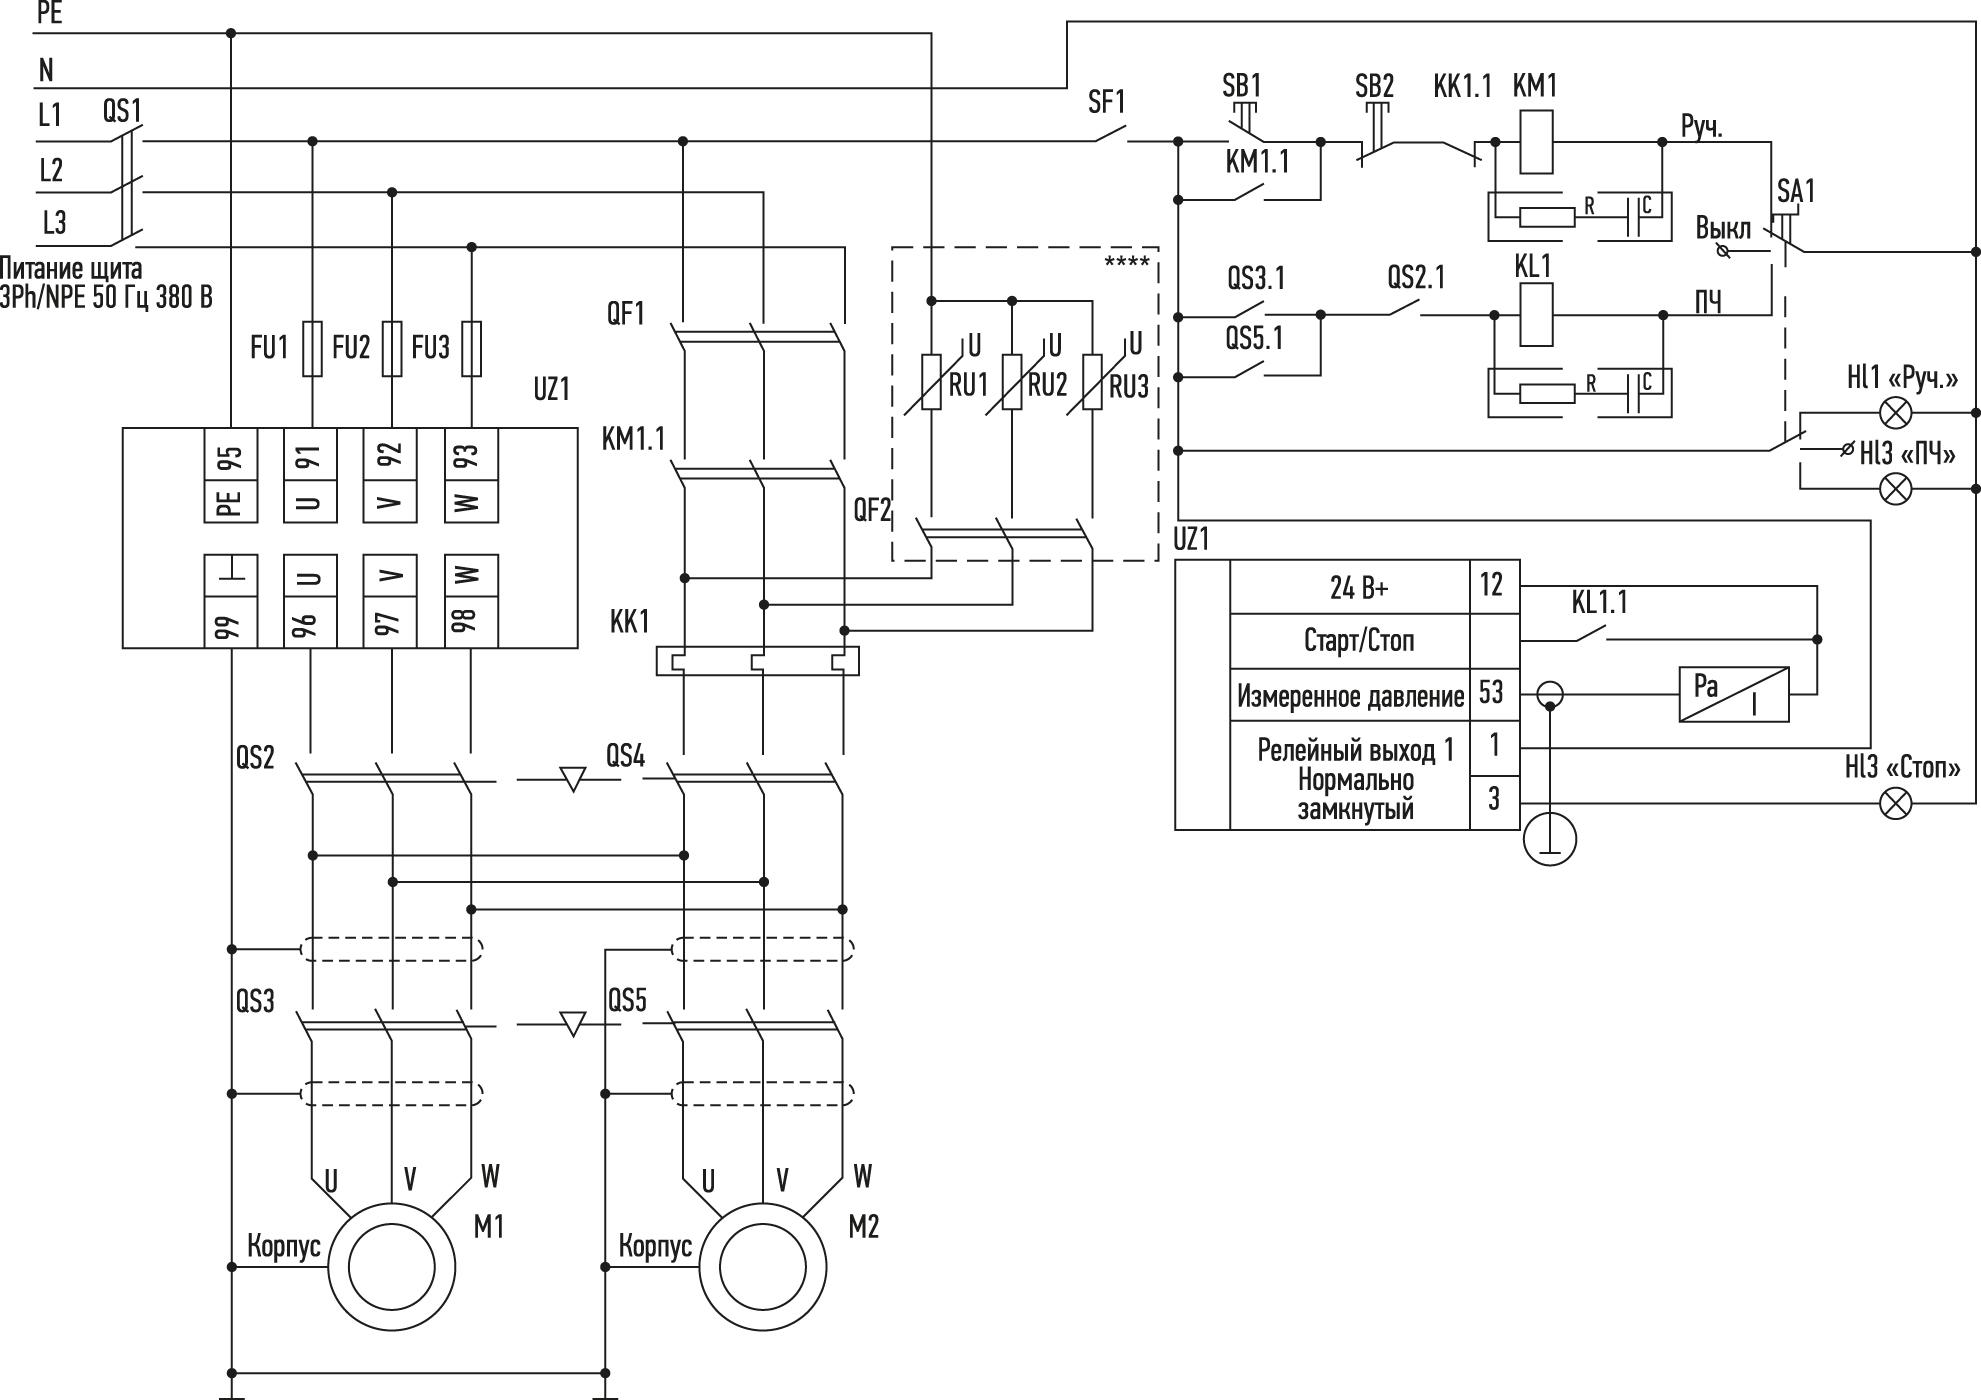 Принципиальная схема подключения преобразователей частоты при использовании с циркуляционным насосом